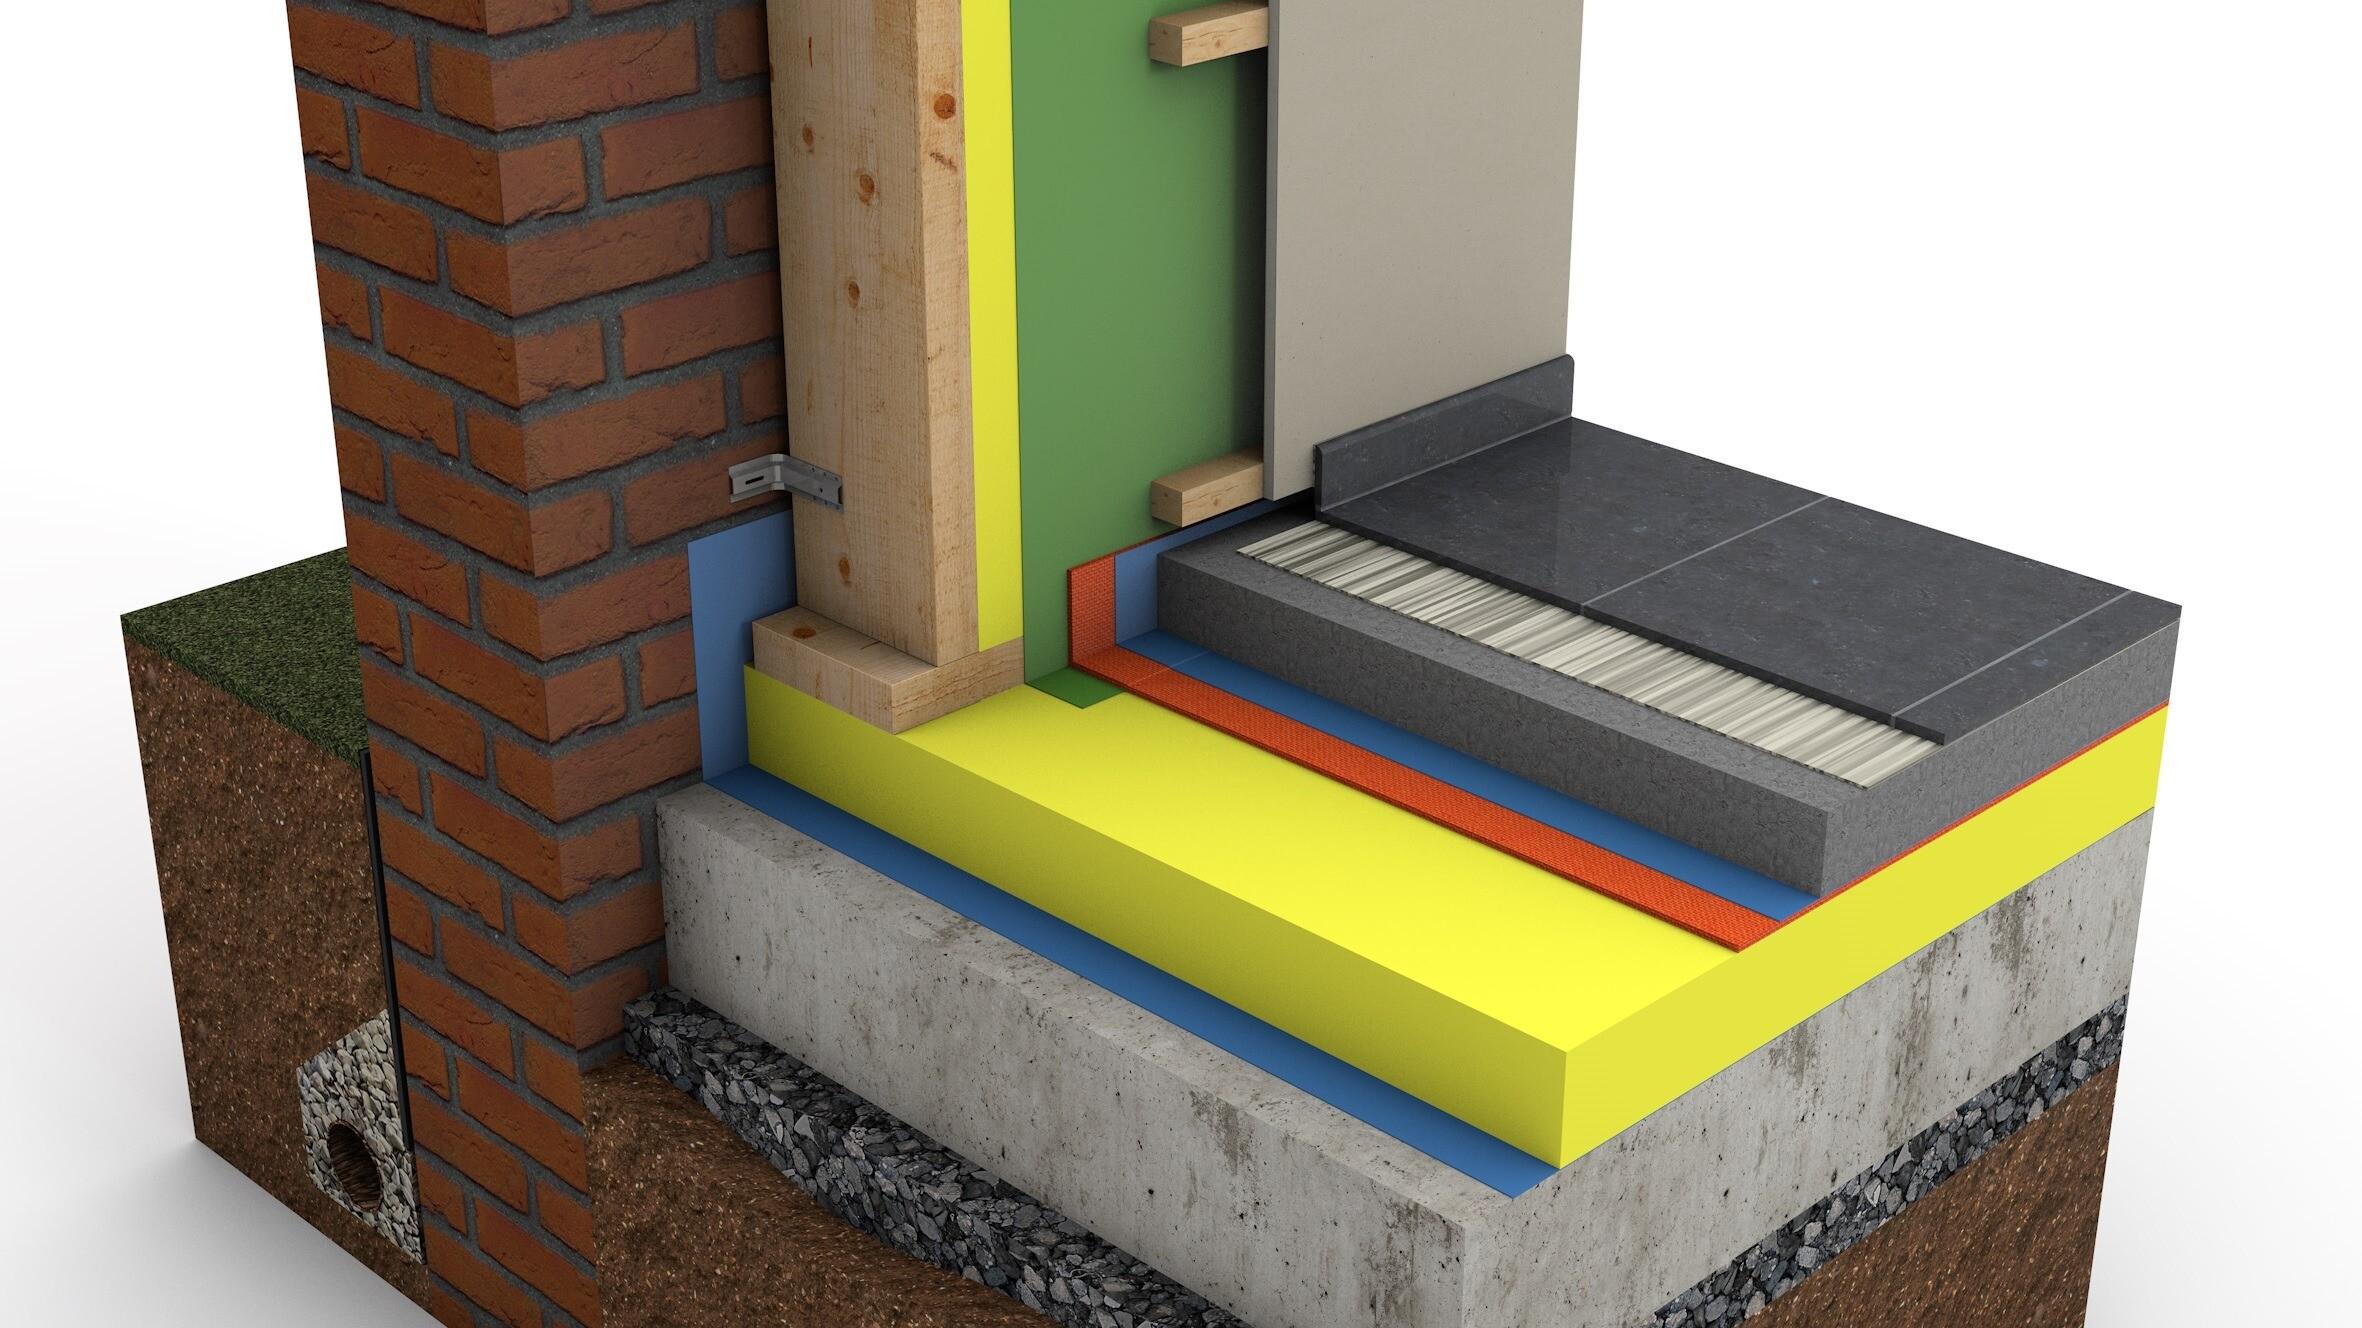 Webinaire Détails constructifs en rénovation : Points d'attentions